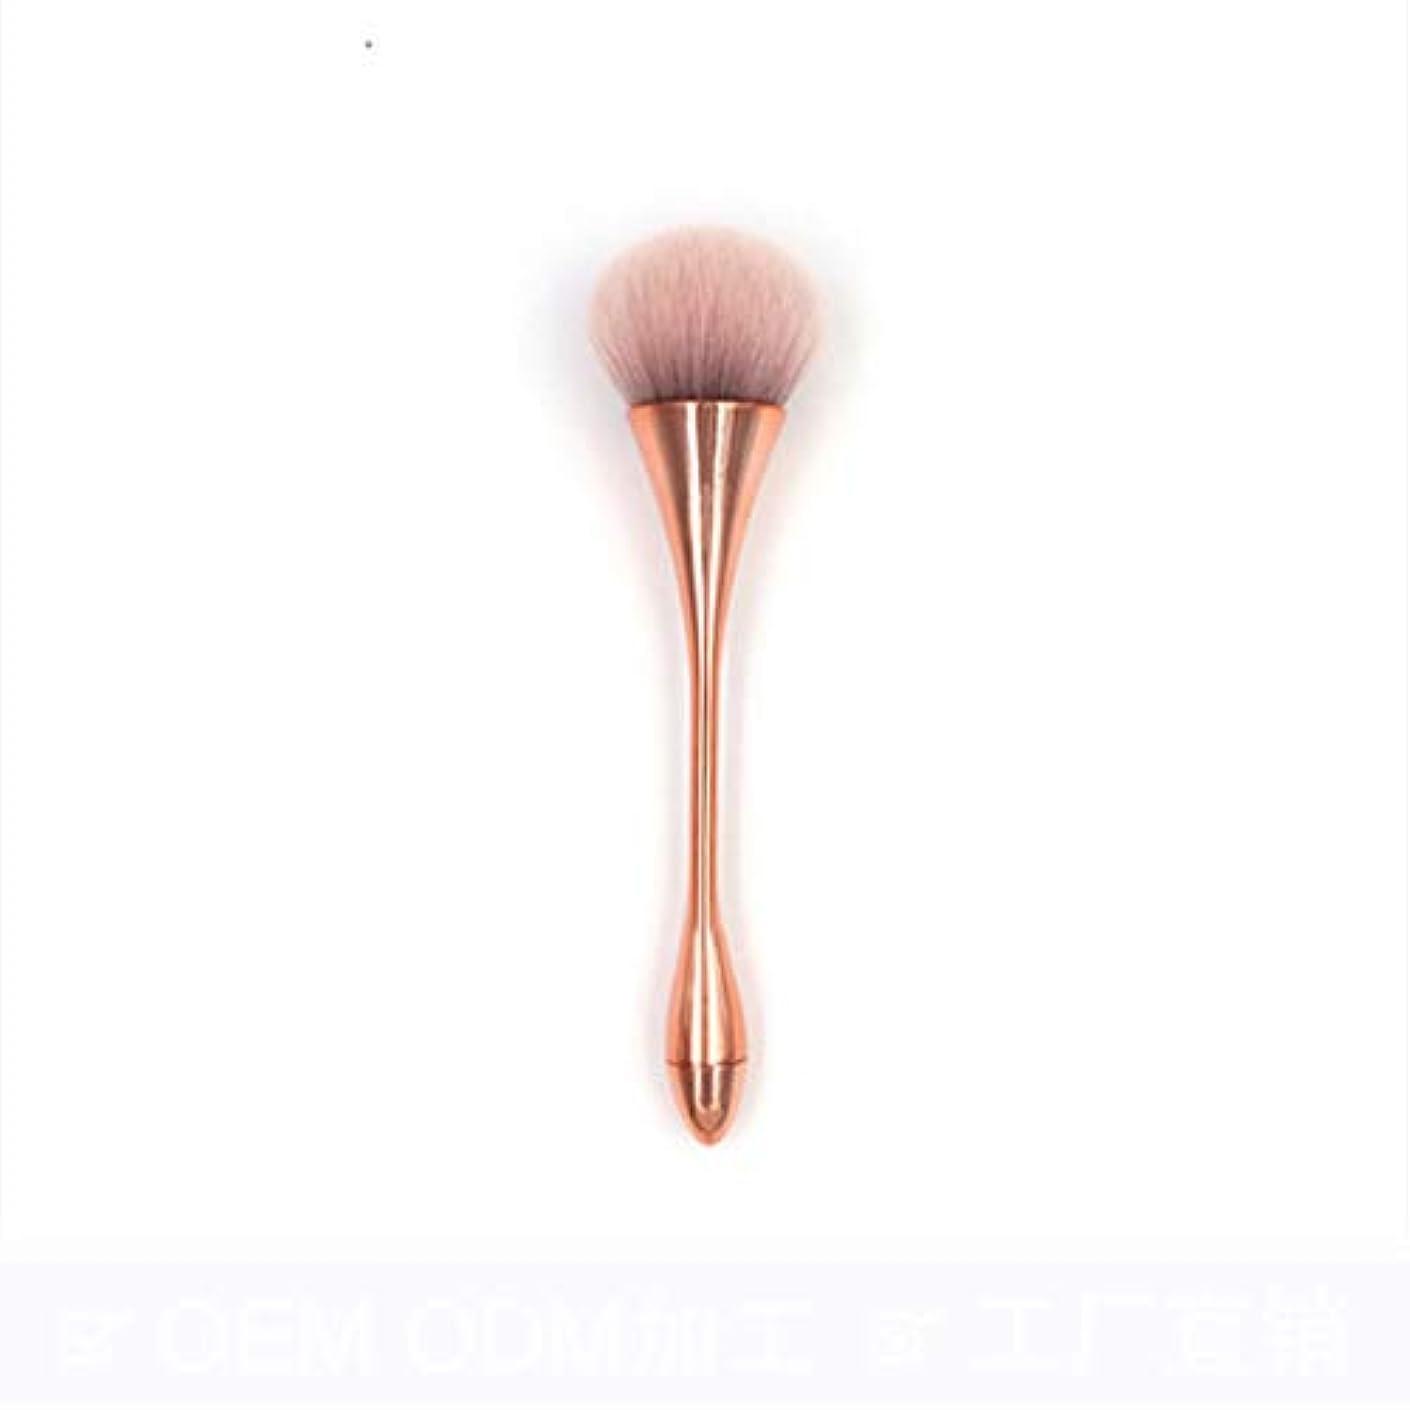 促す宣教師拡声器シングル美容ブラシ化粧ブラシ化粧道具アイシャドウブラシ